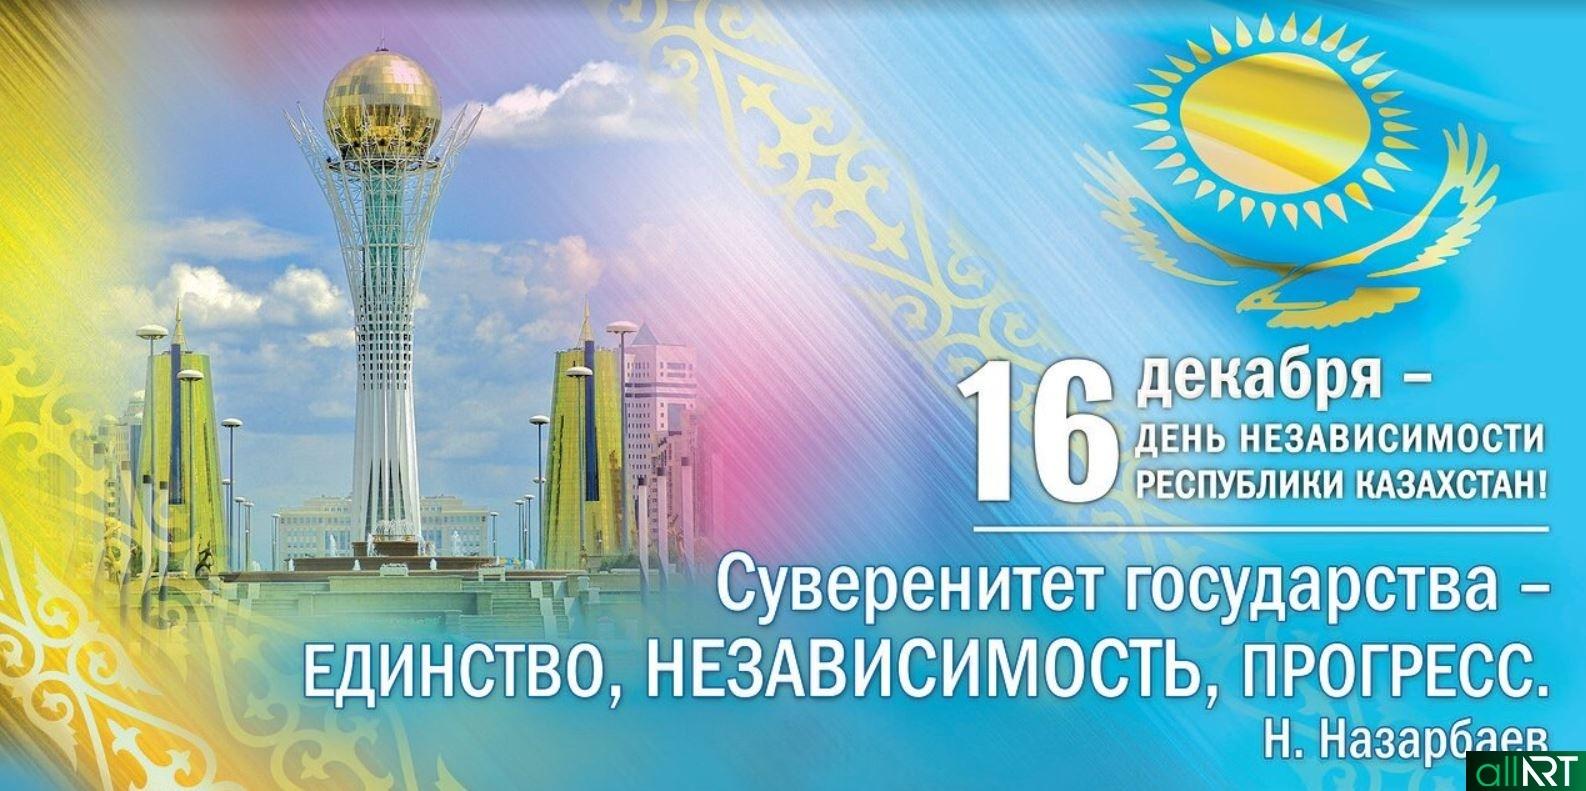 Анимашки, все открытки день независимости казахстана